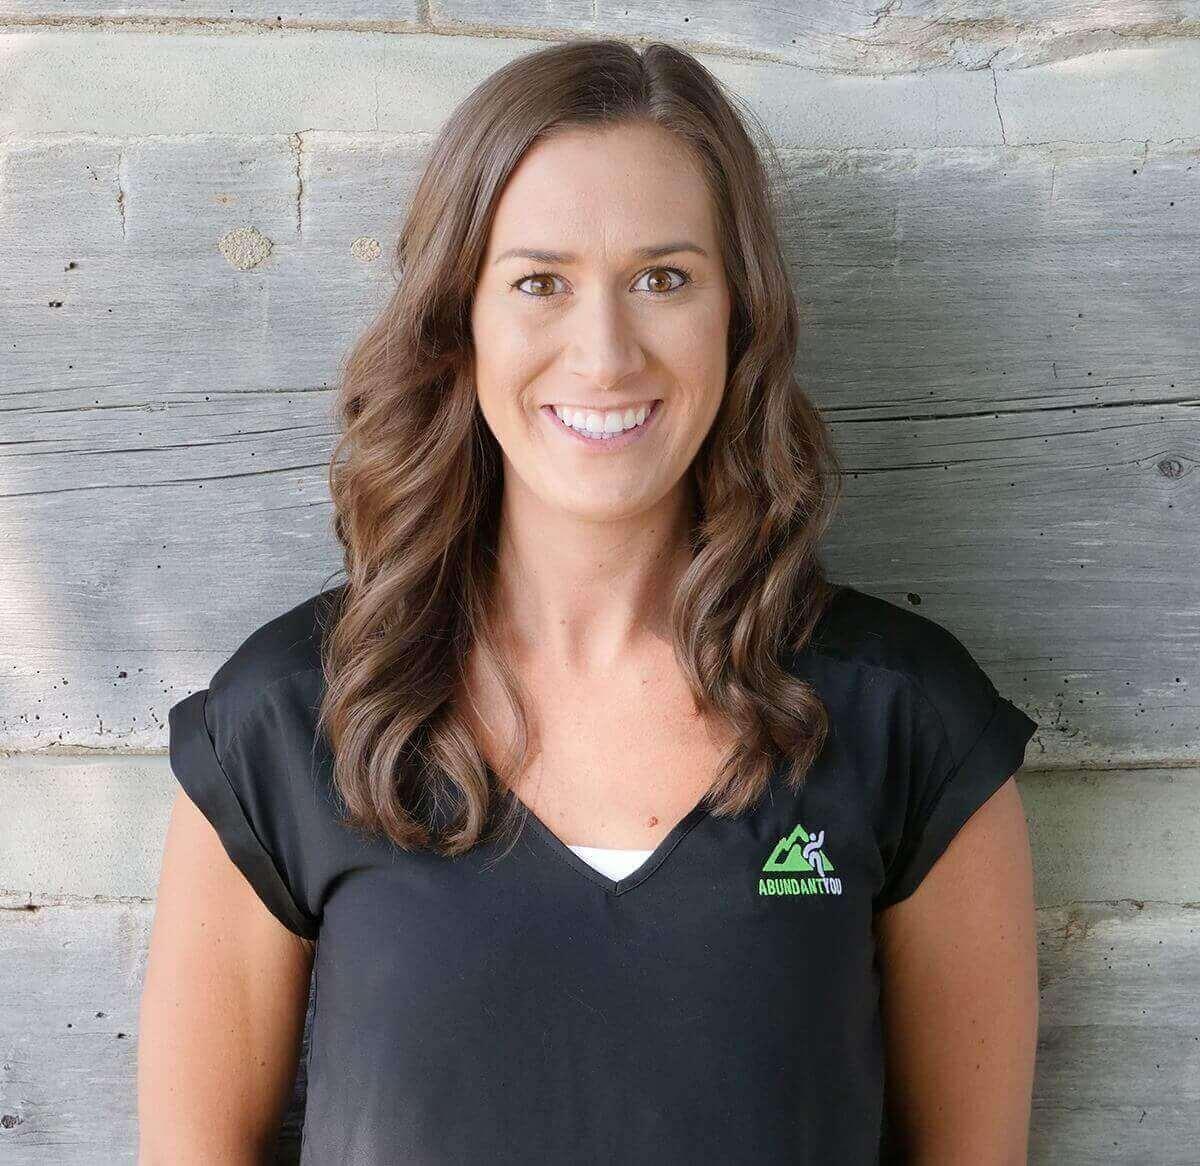 Our Team, Dr. Ali Cooper Best Female Chiropractor Columbus Ohio - Prenatal Care